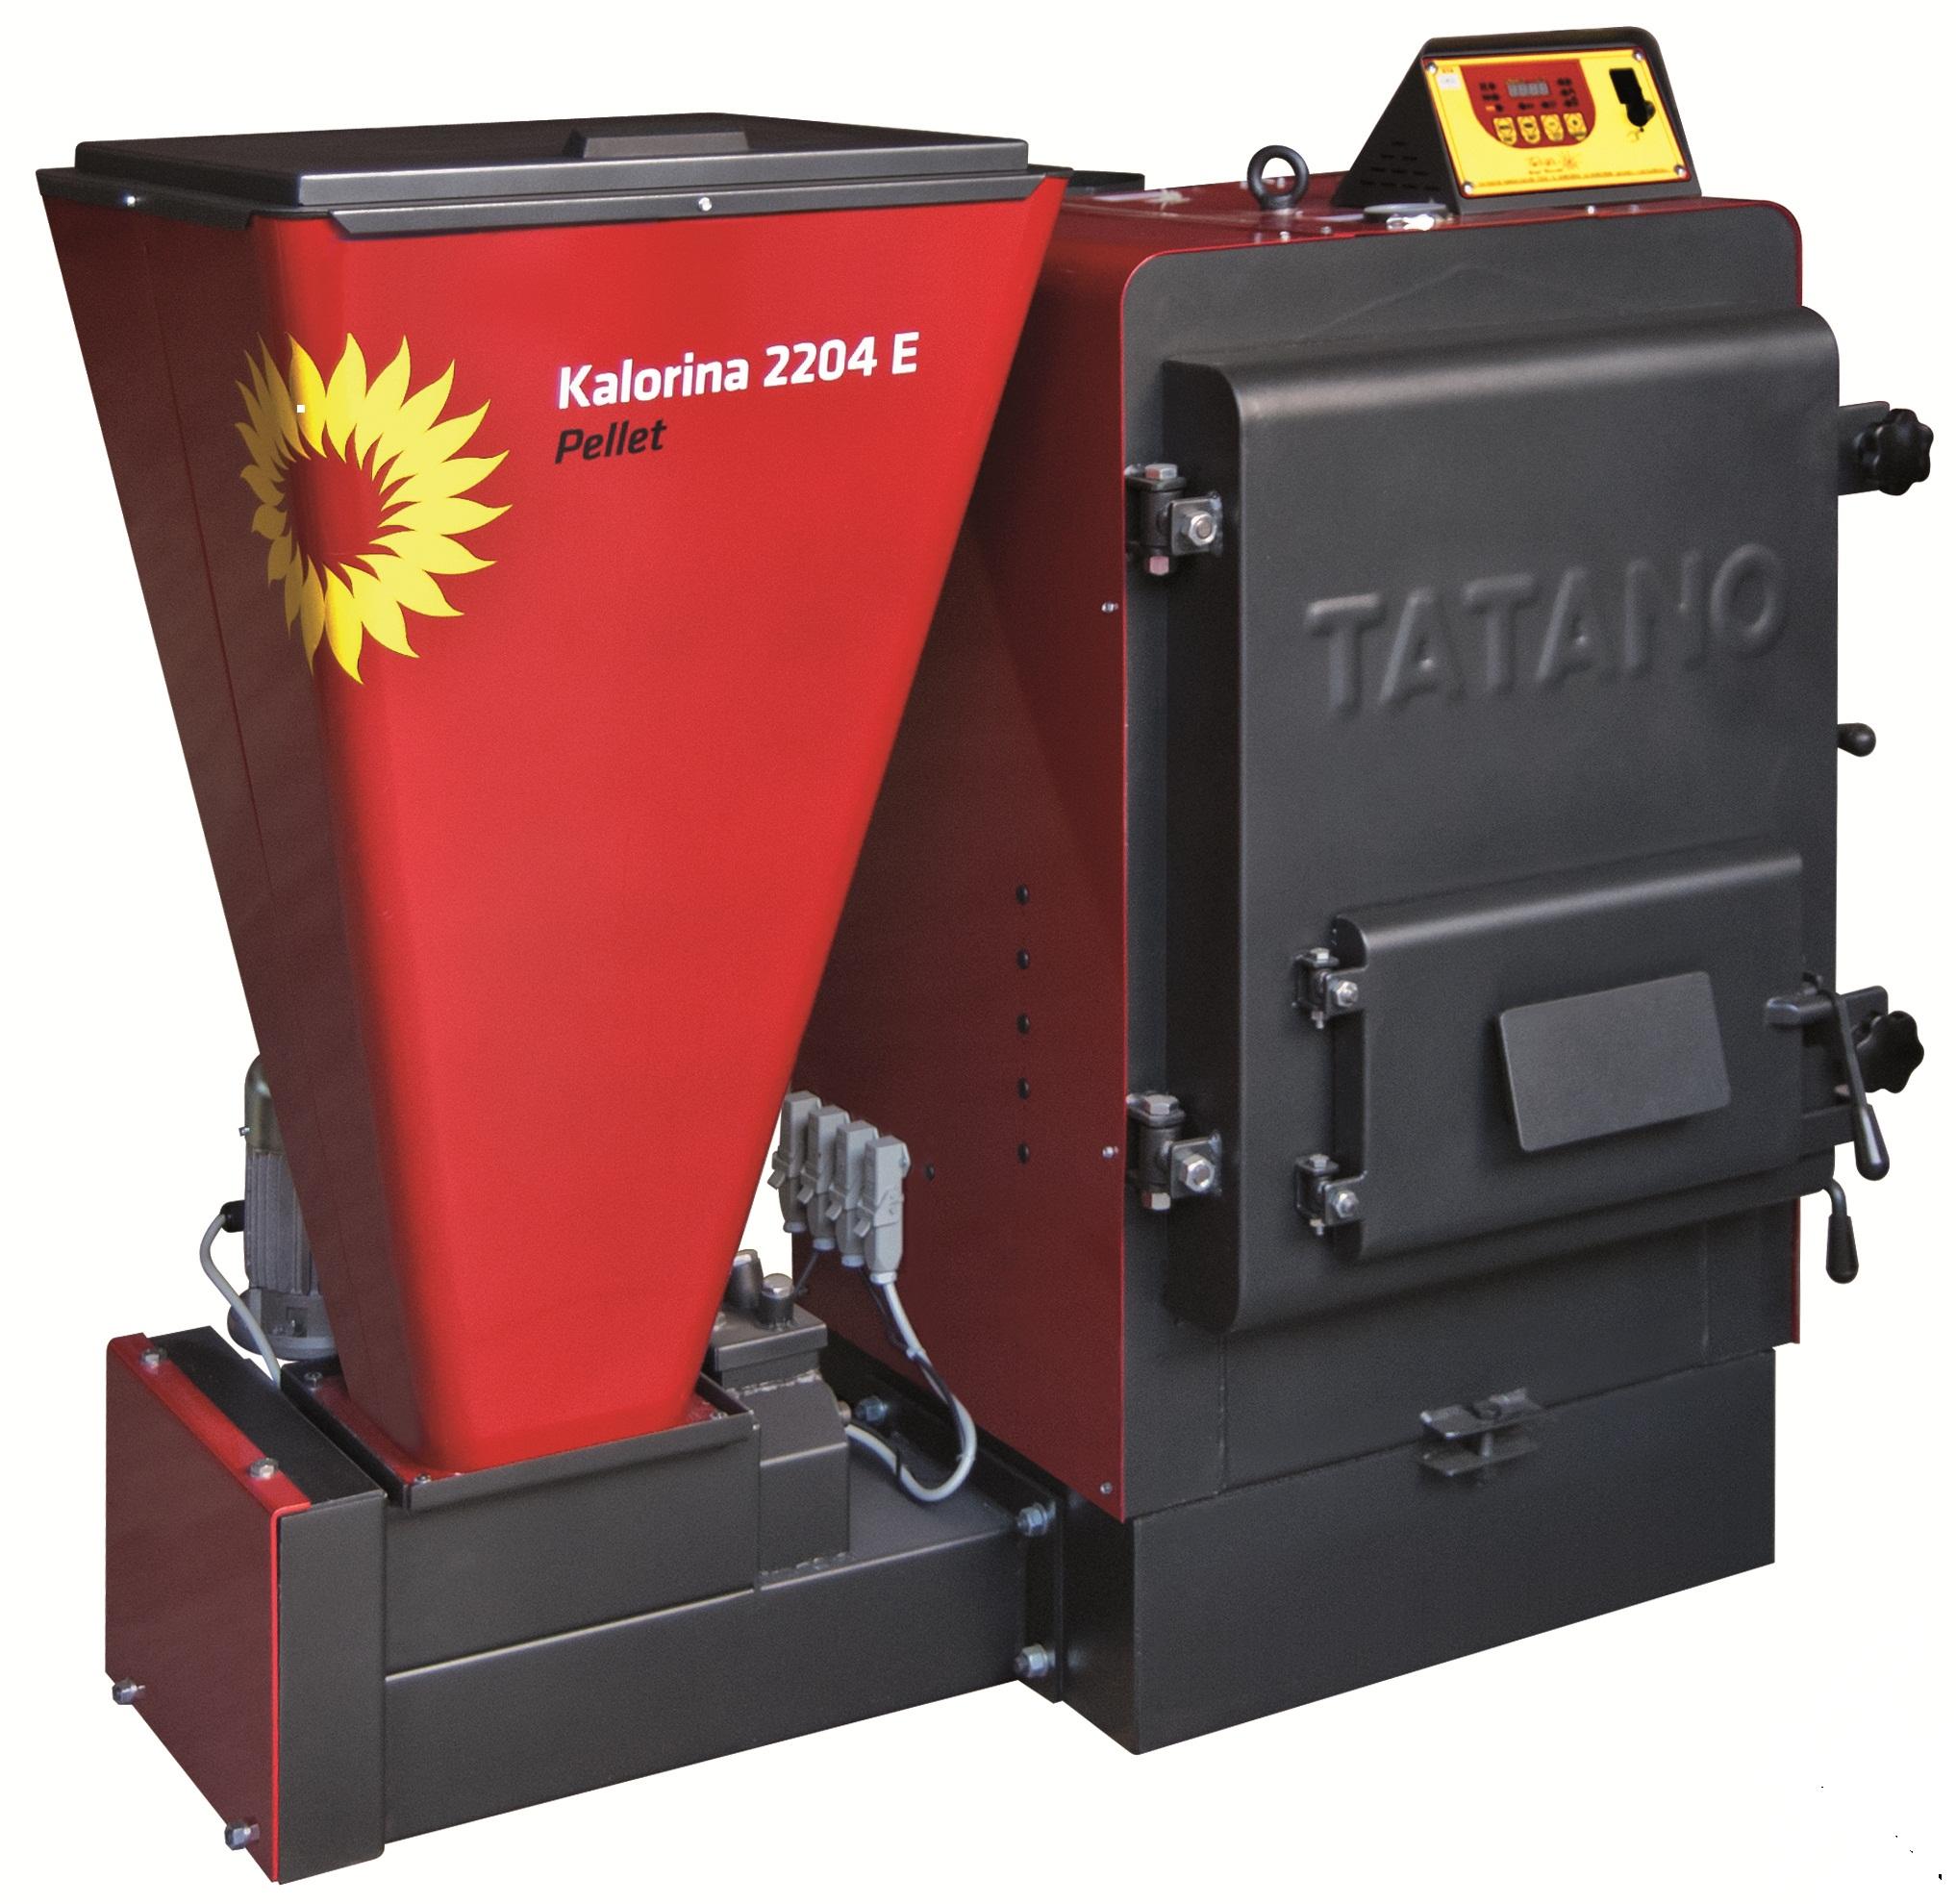 Kalorina tatano installazione climatizzatore for Caldaia biomassa usata